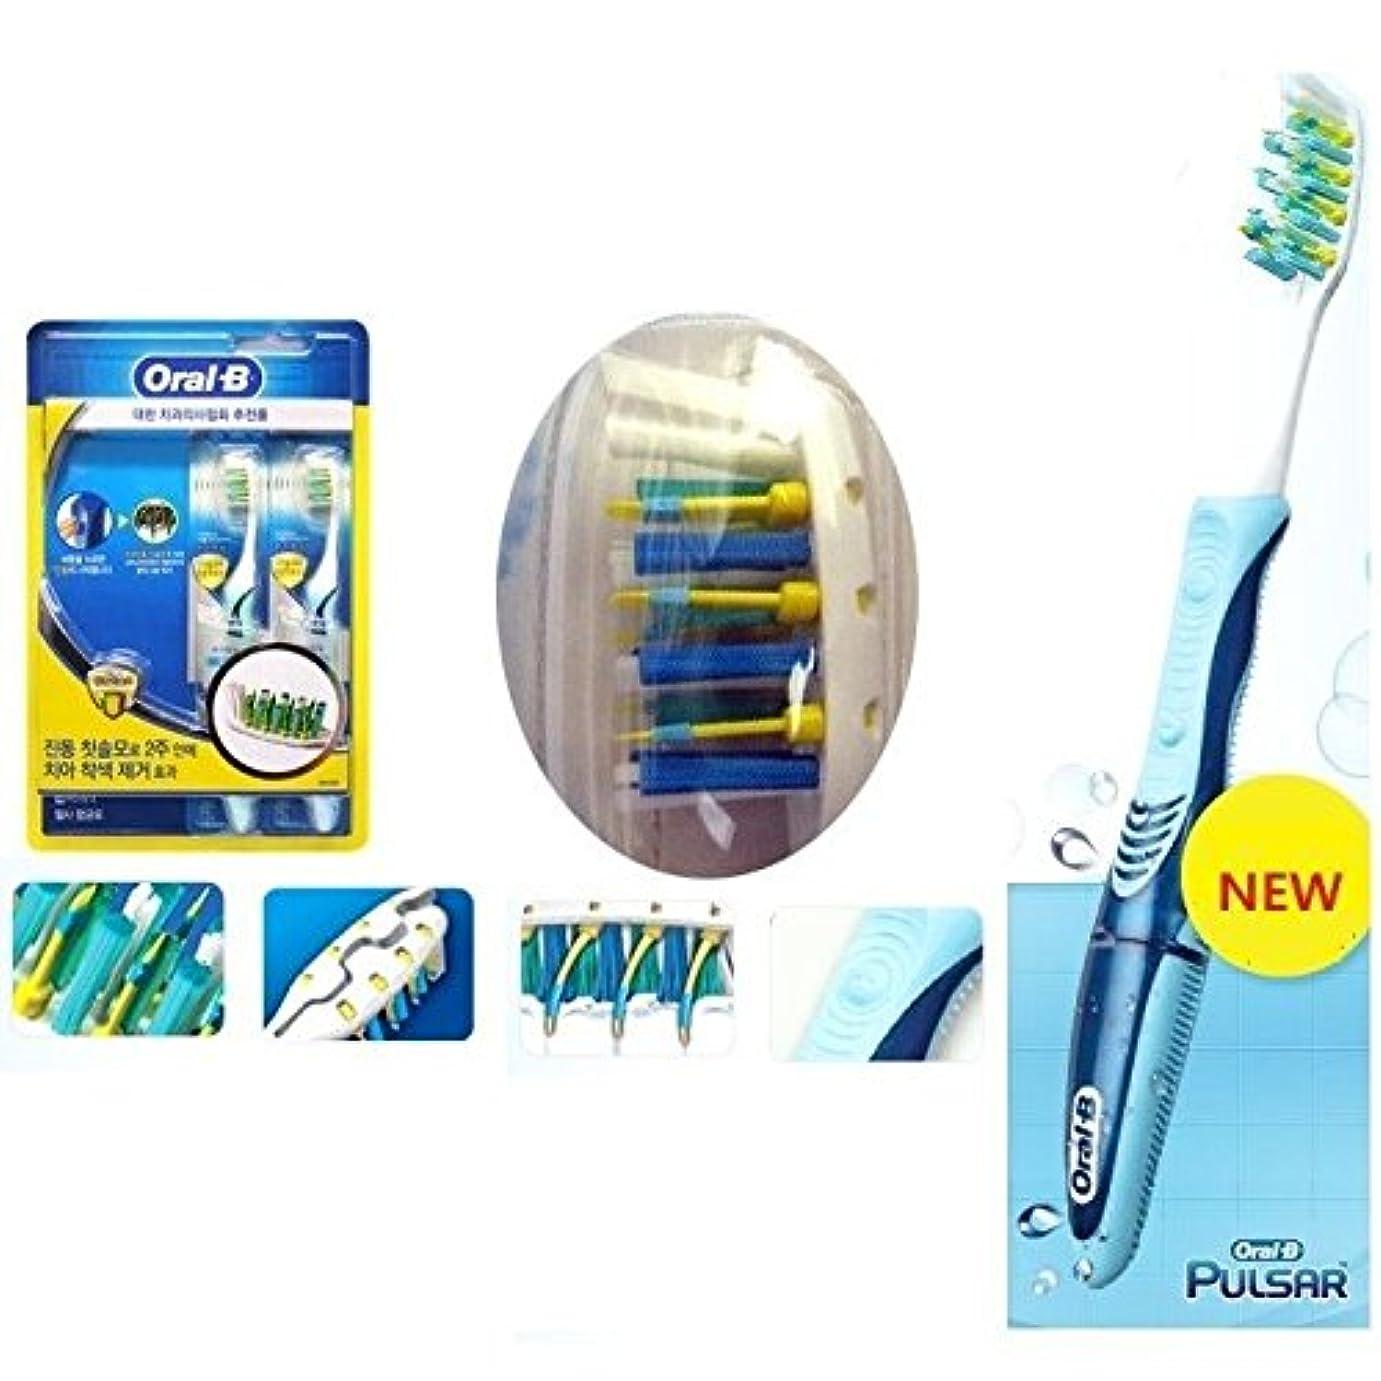 ハリウッド彼女の投資するBraun Oral-B 2枚組パルサー歯ブラシミディアム35ソフトブラウン 35S 2枚組 [並行輸入品]